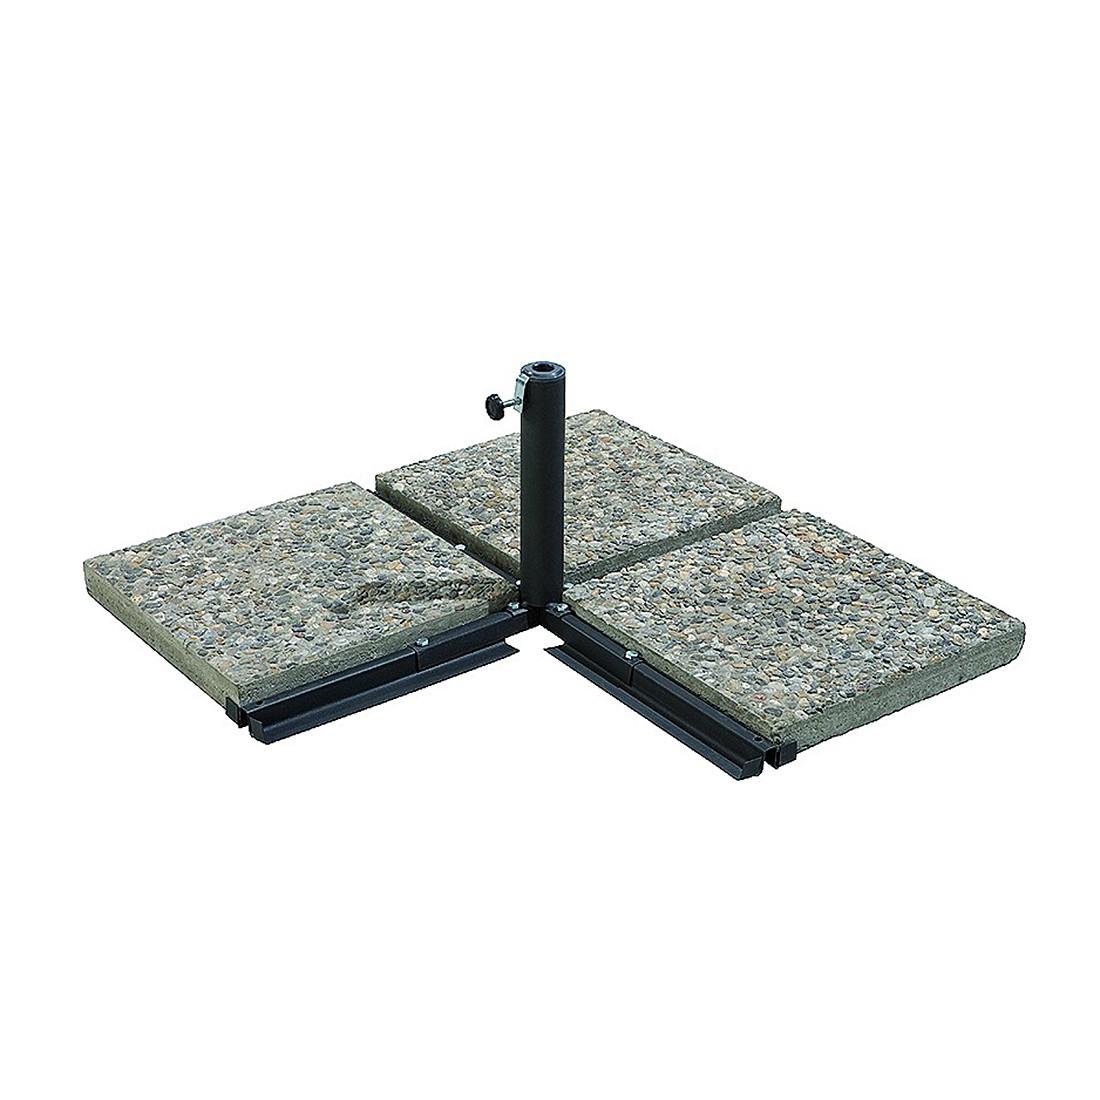 Plattenständer (Ø25-50 mm) - Stahl Schwarz, Schneider Schirme